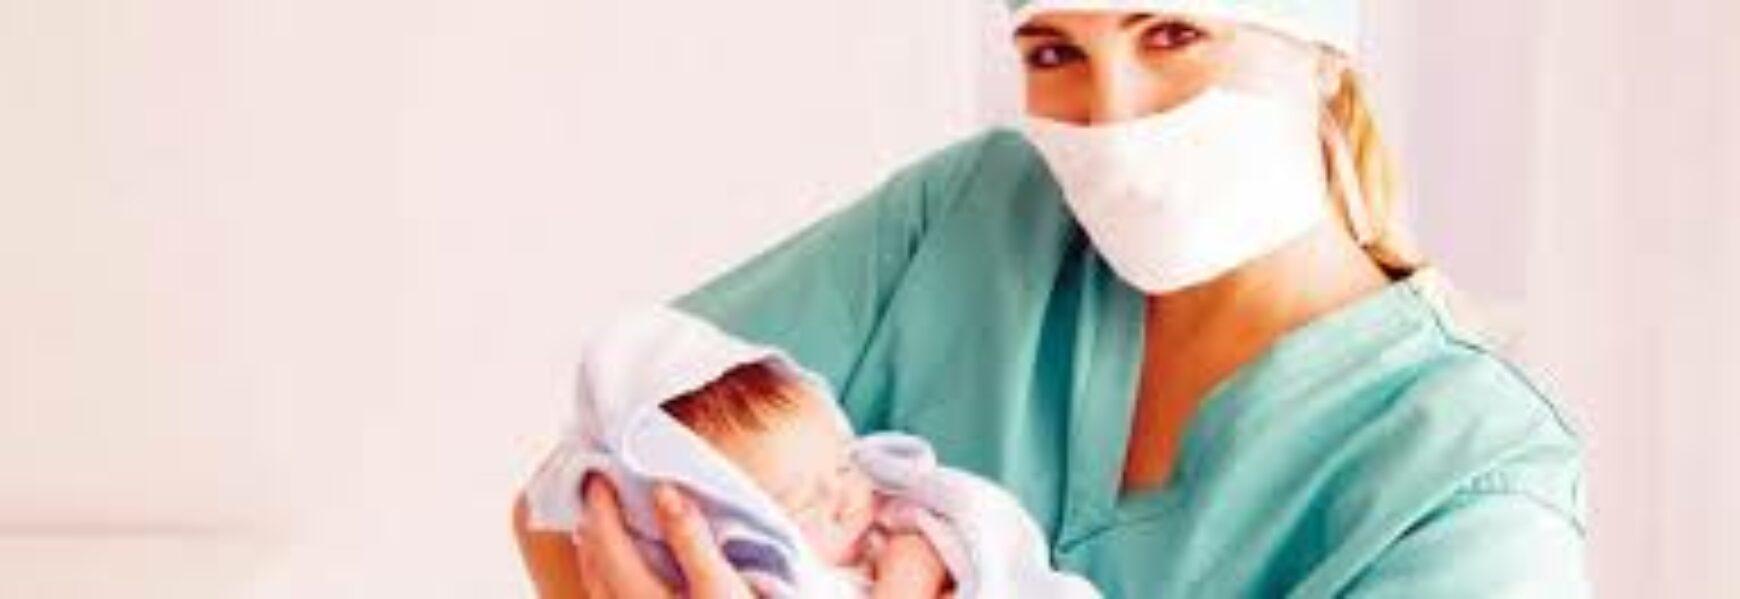 Διευκρινίσεις σχετικά με το έγγραφο με Αρ. Πρ. 1905/5-3-2021 περί συμμετοχής Μαιών- Μαιευτών στον εμβολιασμό έναντι τουCovid19»